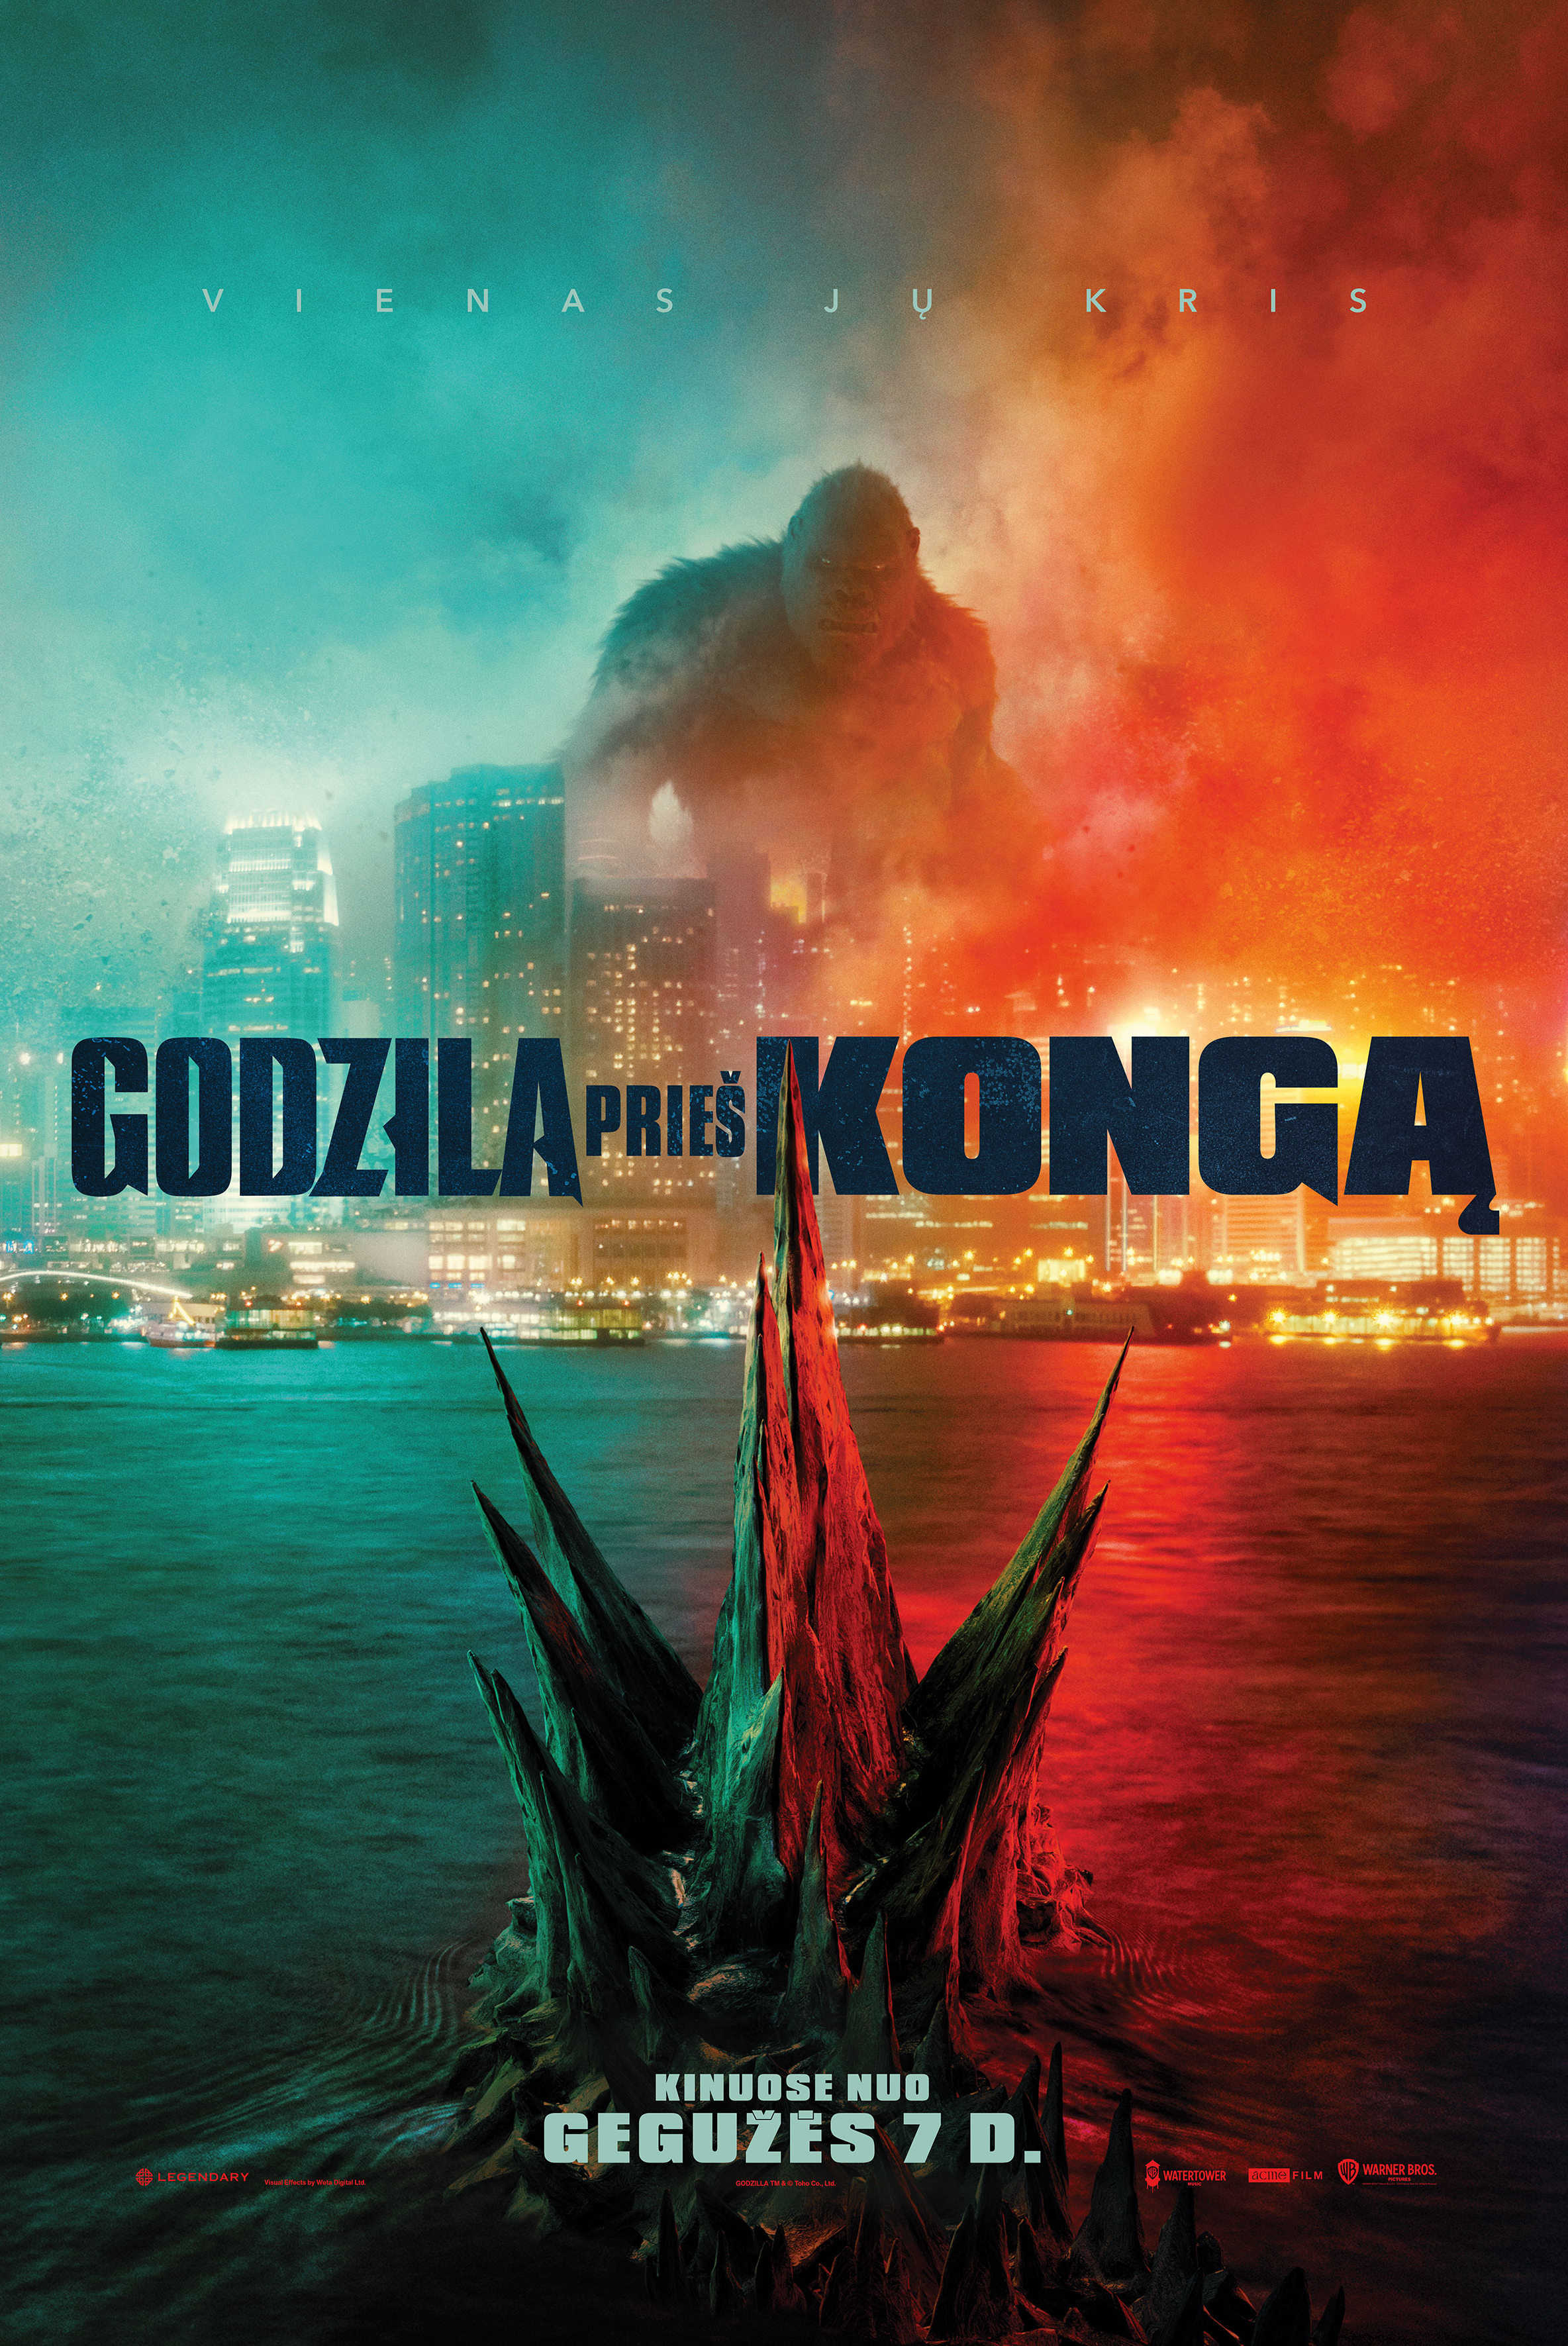 Godzila prieš Kongą (Godzilla vs. Kong)